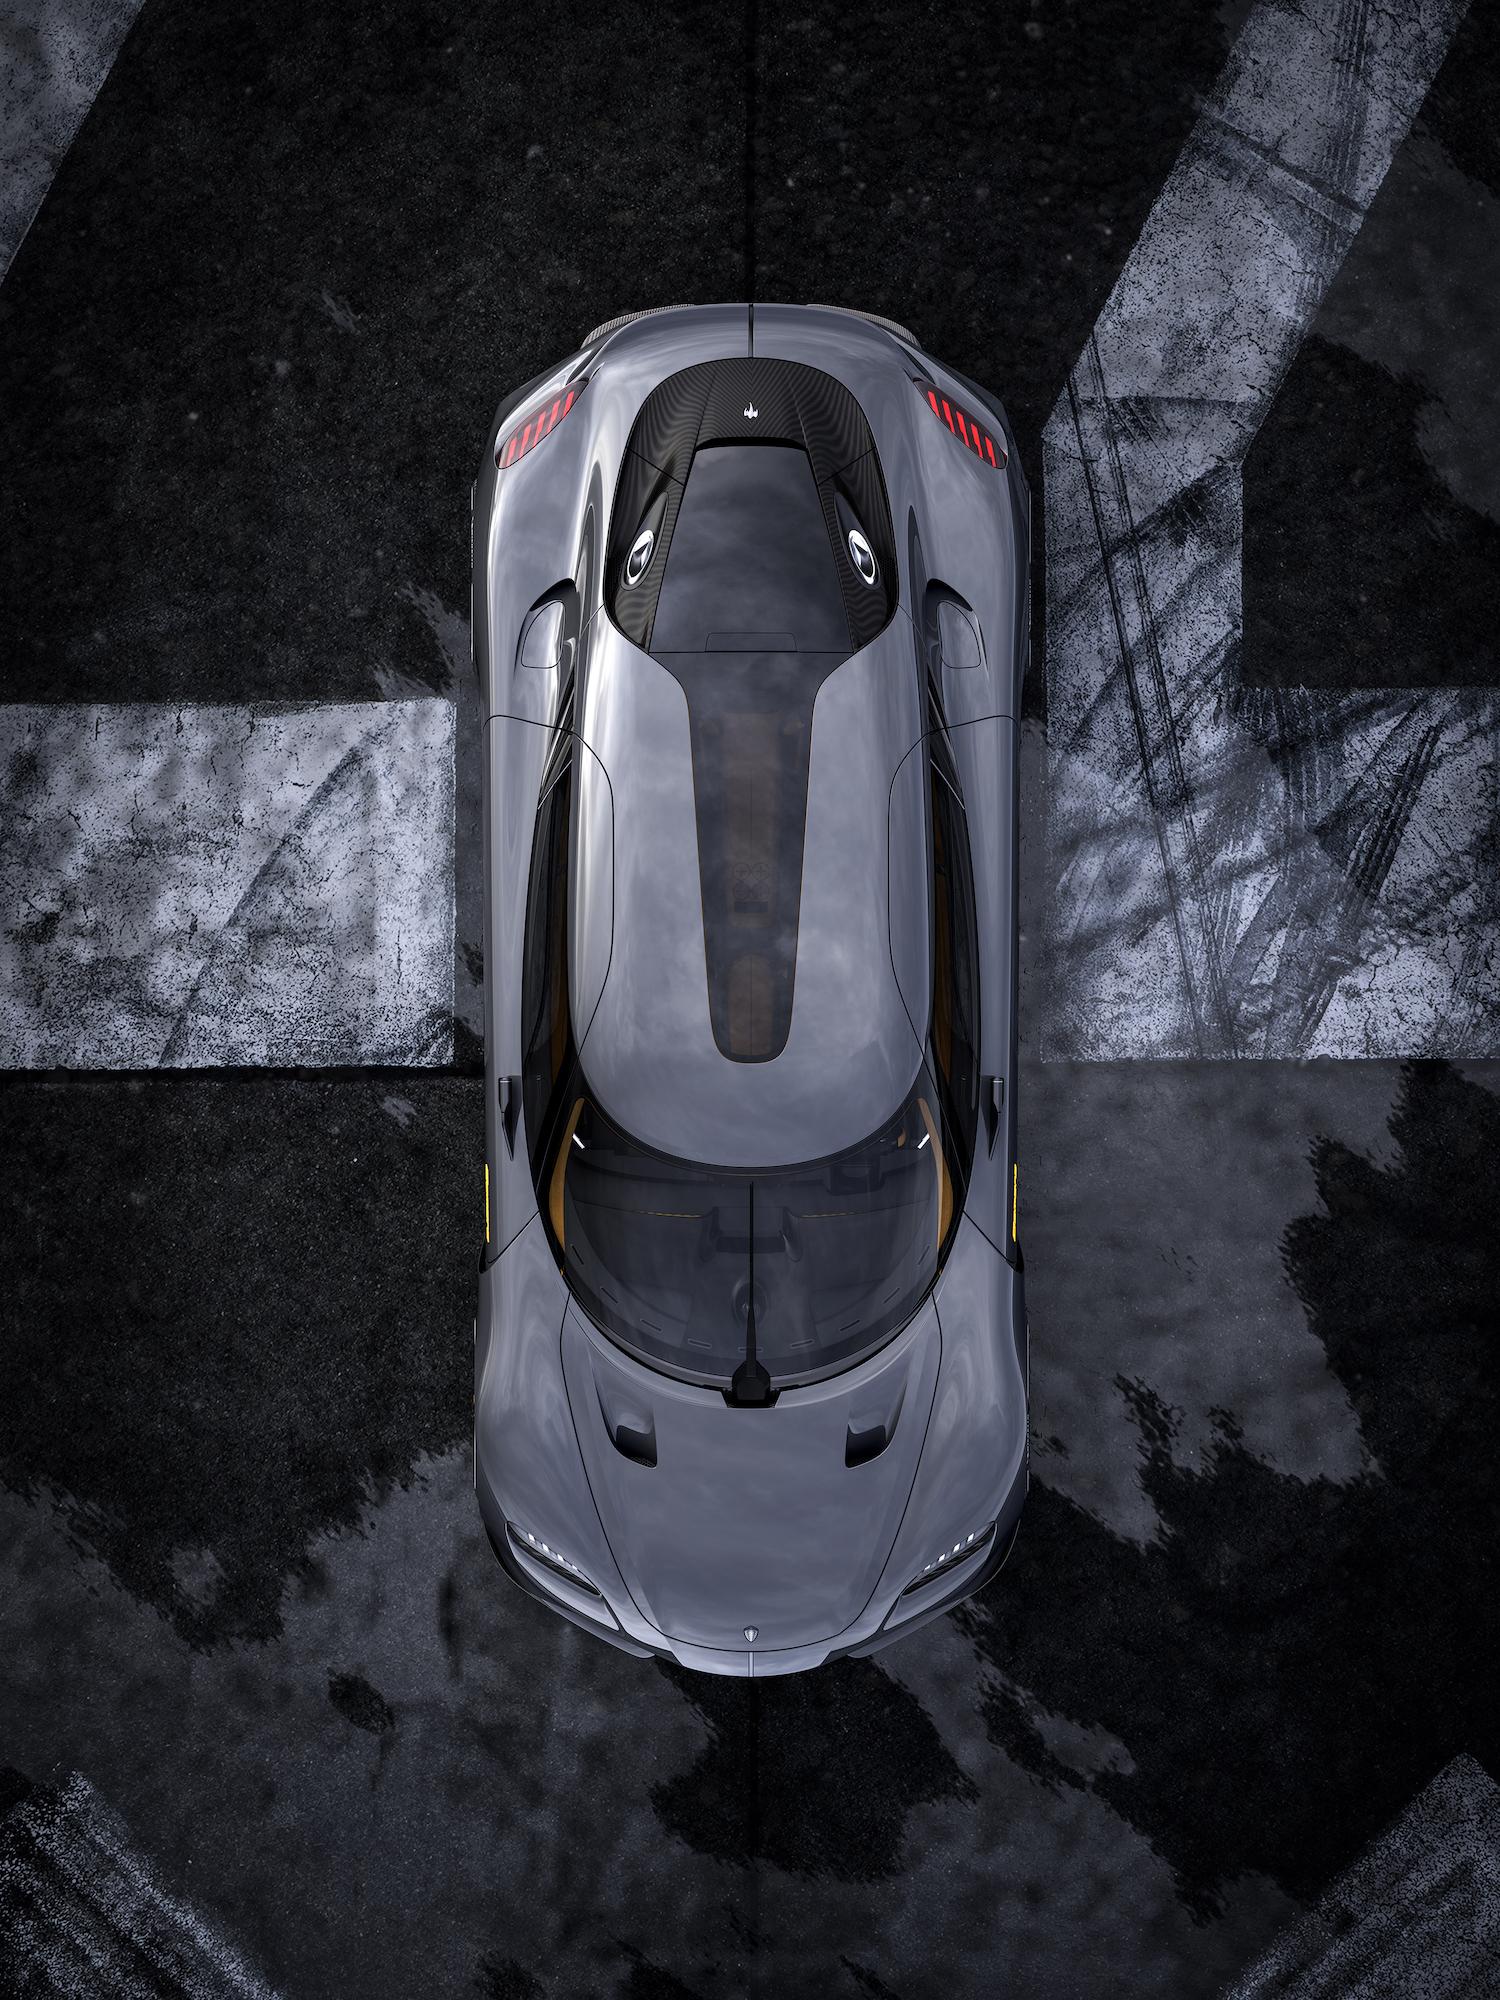 Koenigsegg gemera overhead view